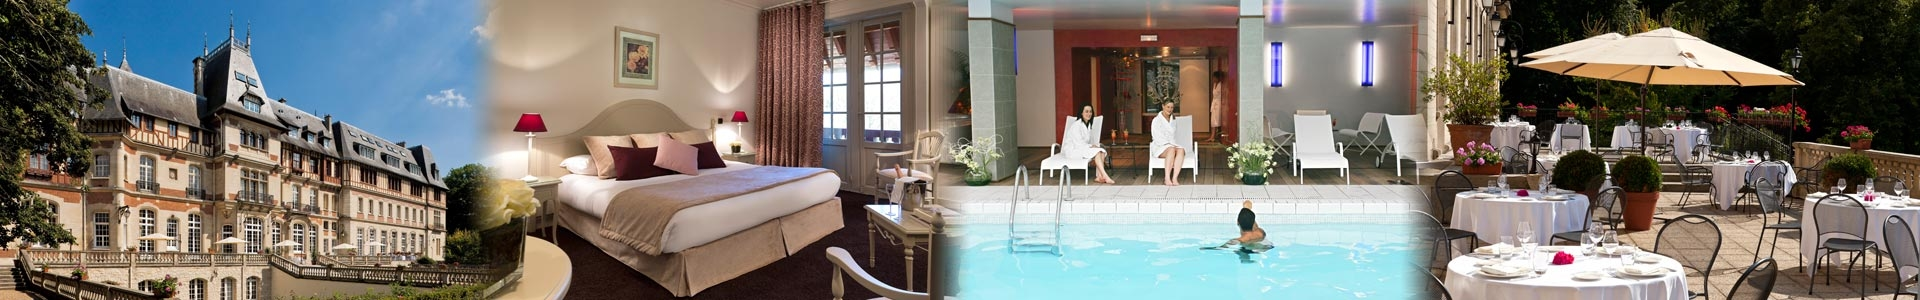 Hôtel vacances bleues - chateau de montvillargenne à Gouvieux